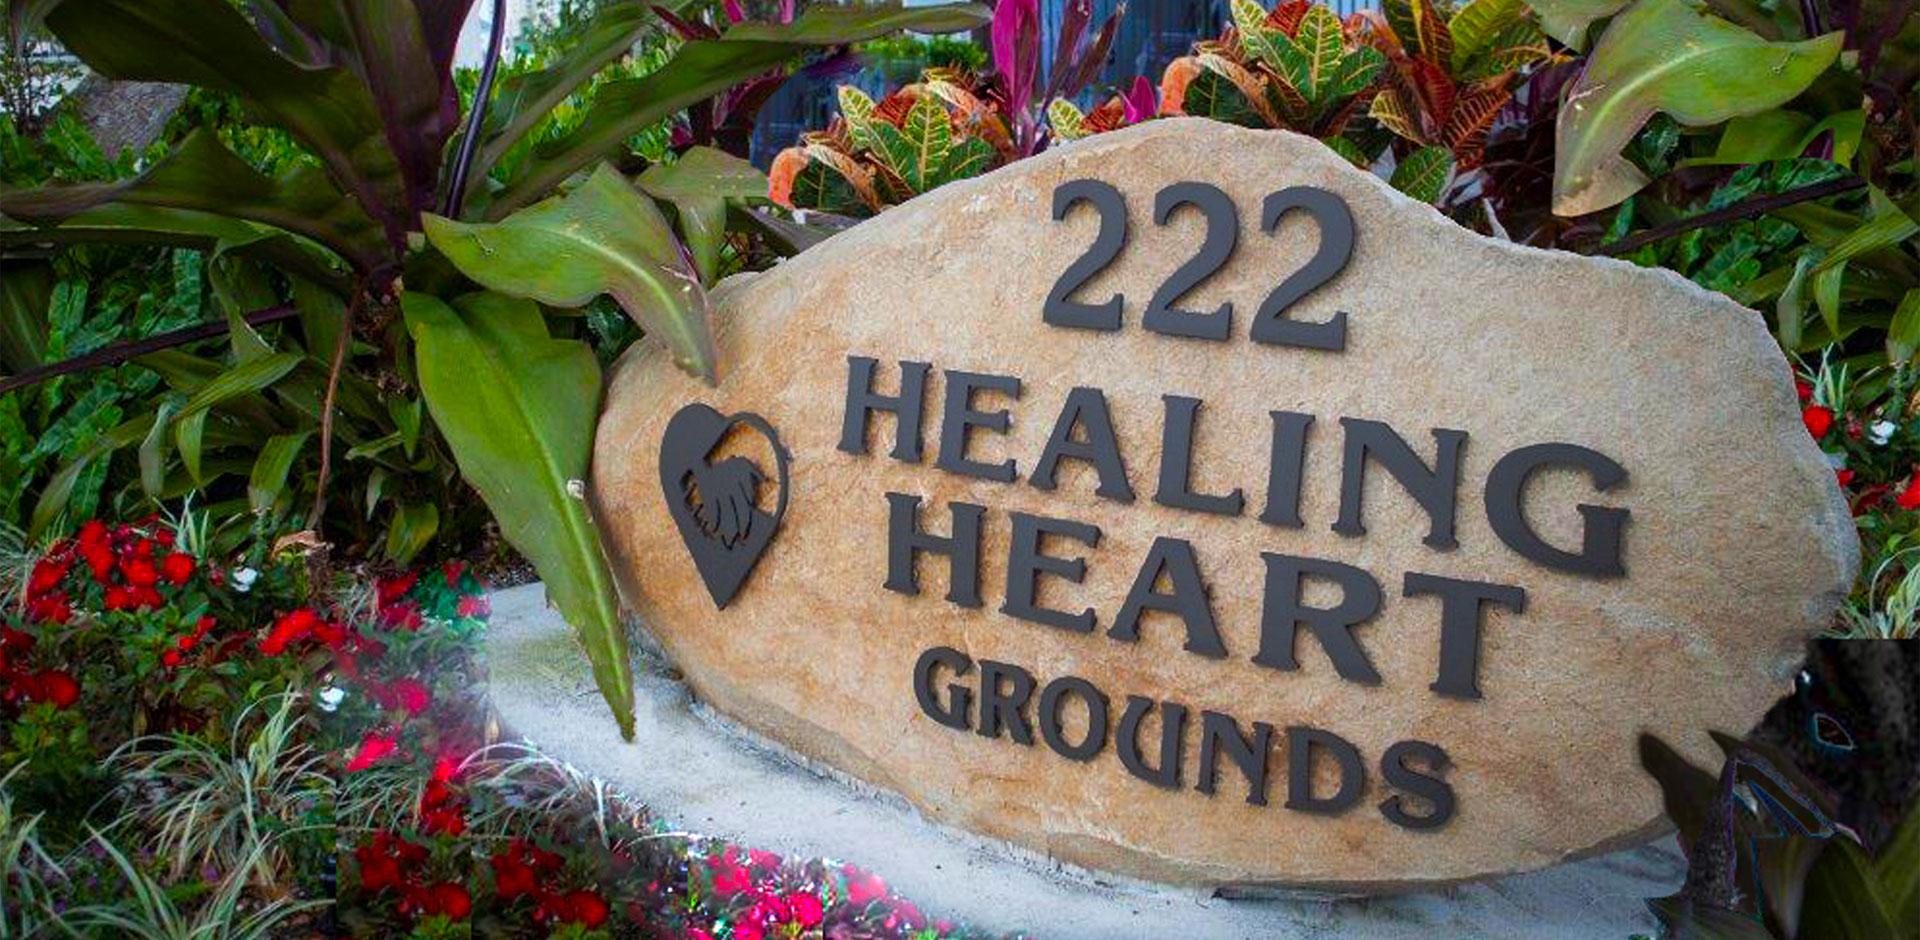 Healing Heart Veterinary Clinic